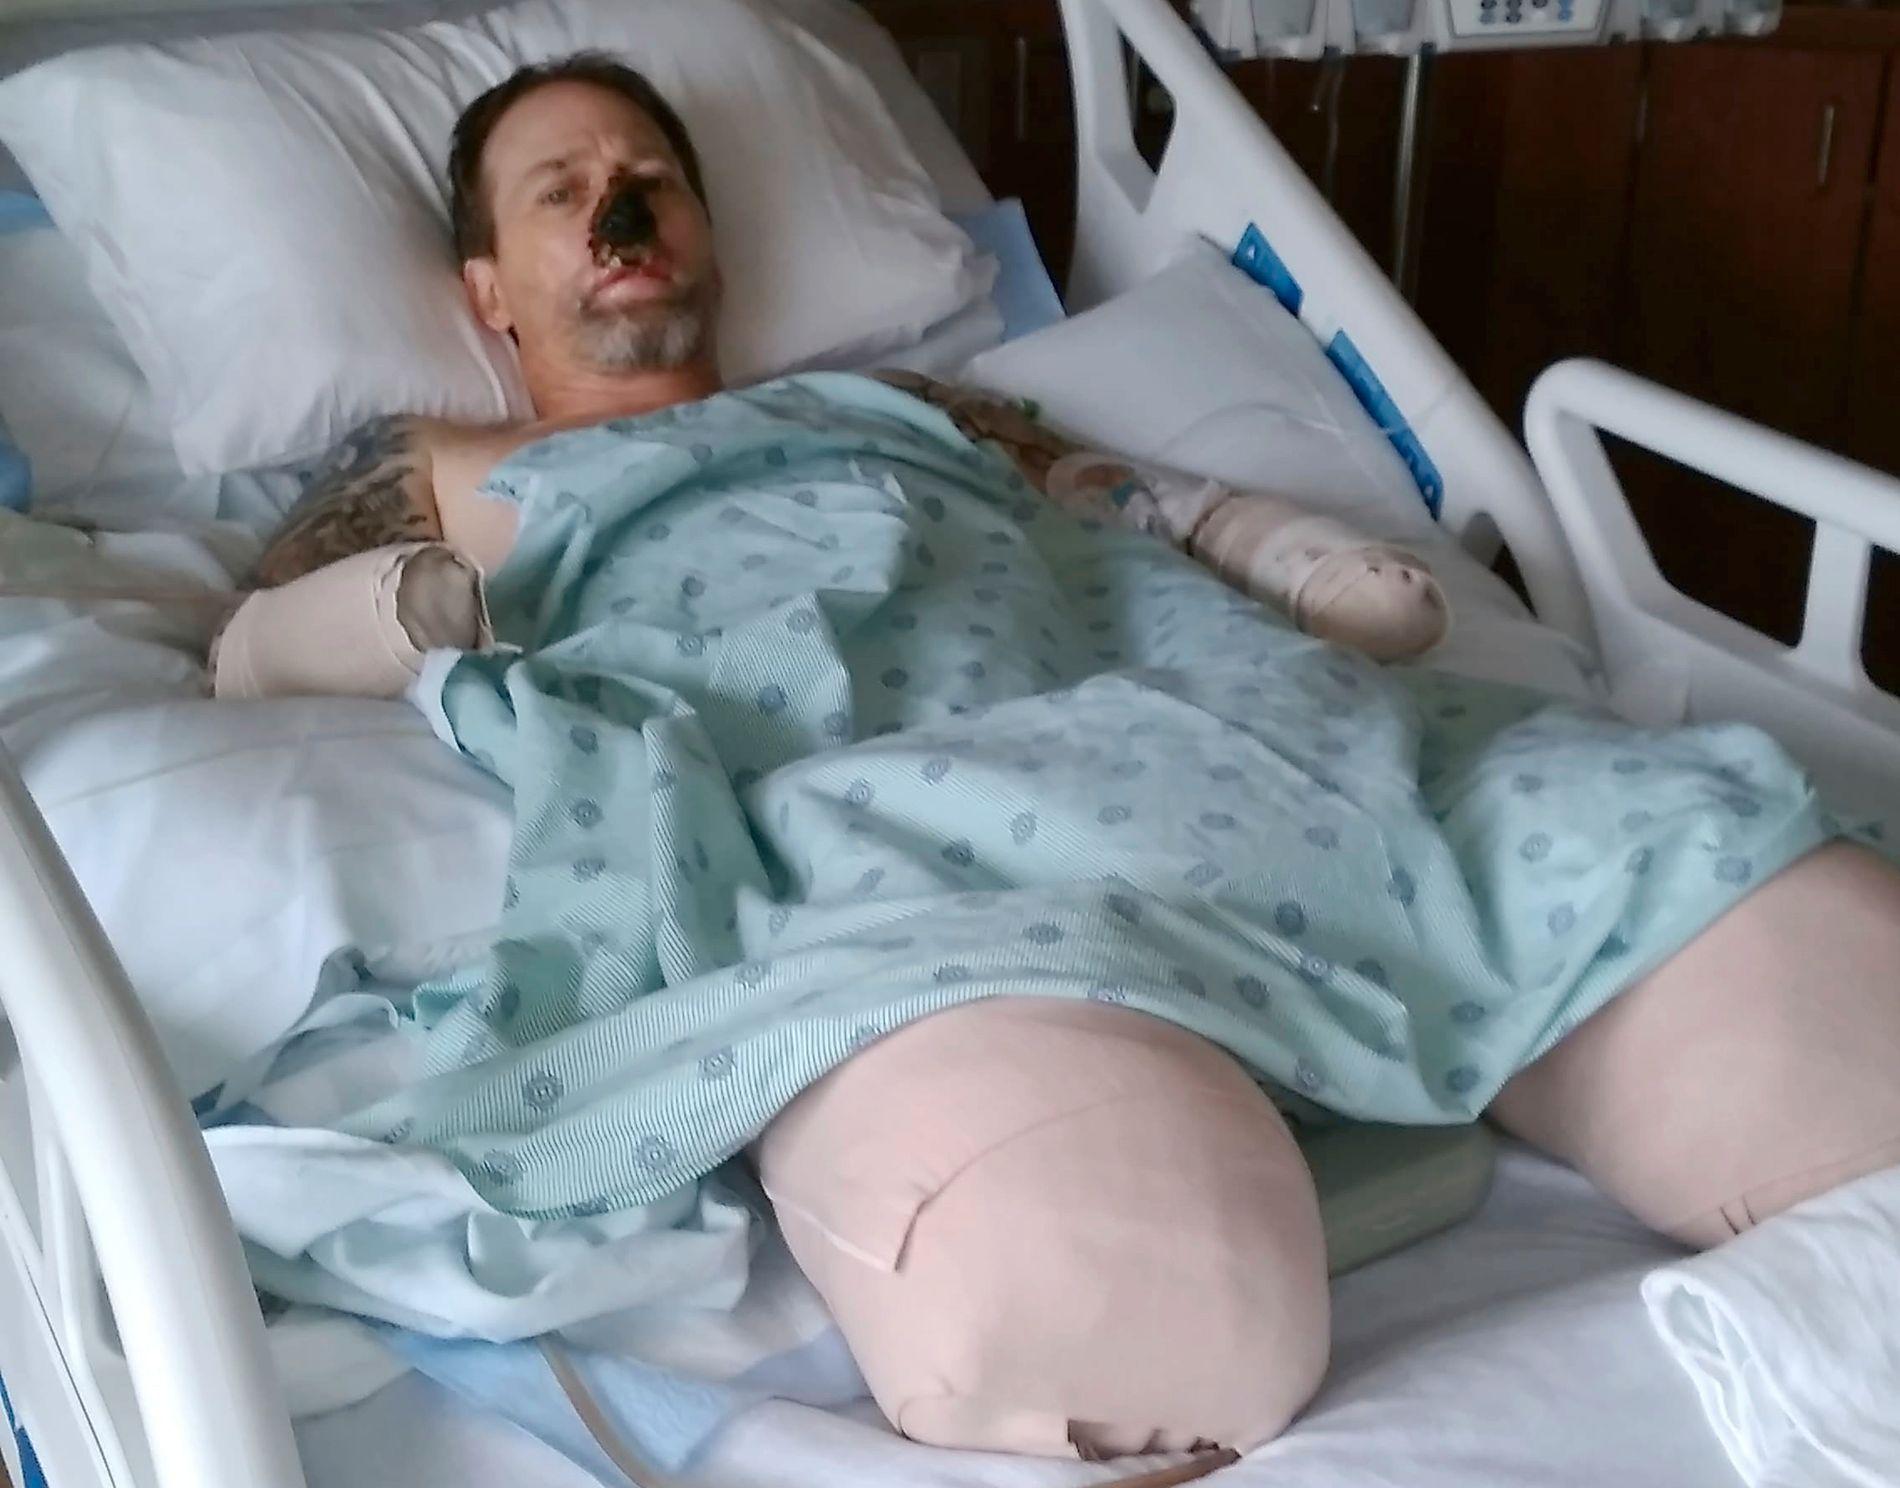 VED GODT MOT: Greg Manteufel i sykehussengen i Milwaukee. Bildet er tatt av hans kone.